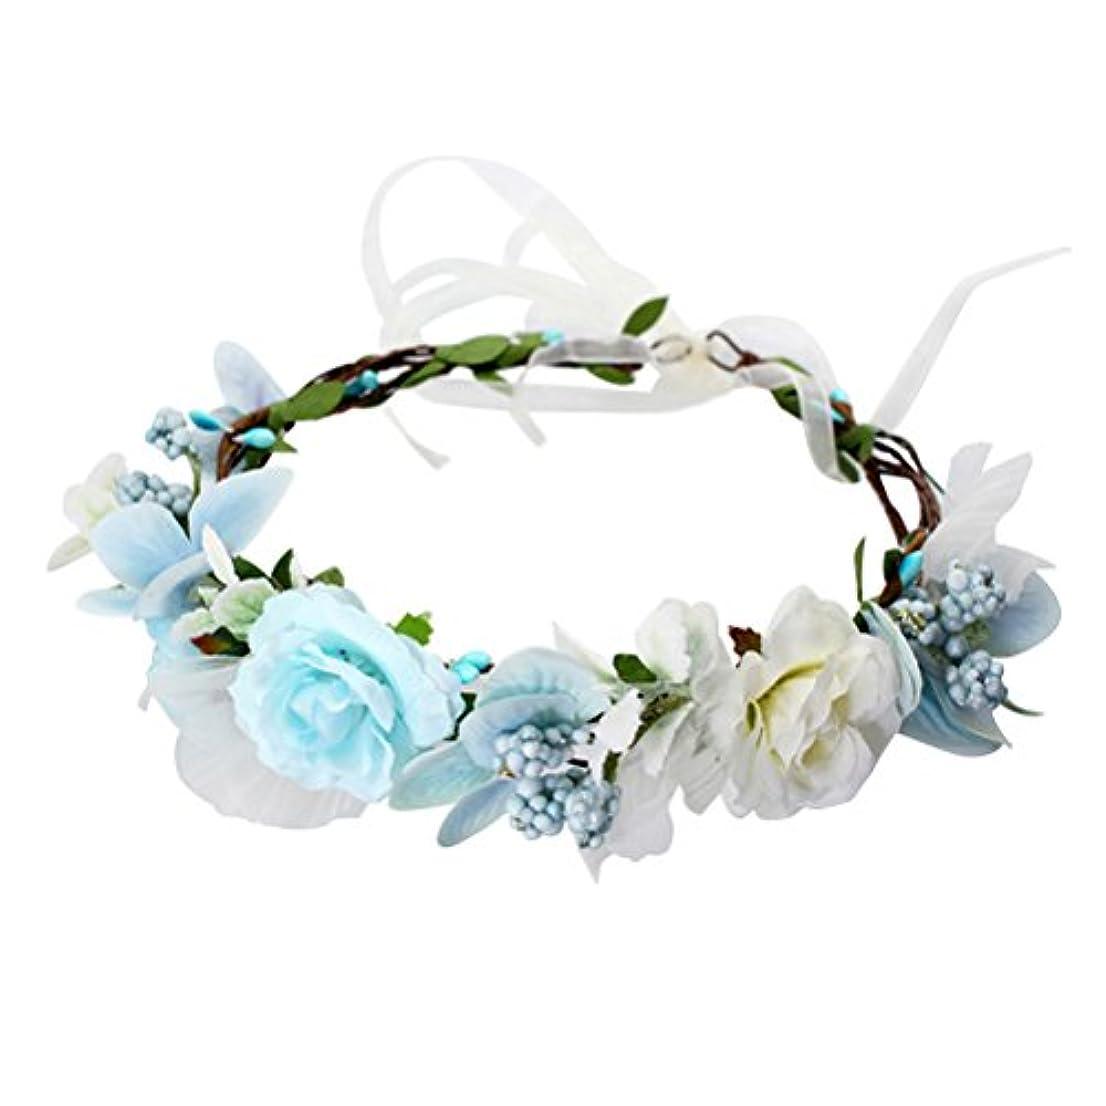 隣人法令公然とWINOMO 花かんむり 花冠 花飾り ヘアアクセサリー ブライダル ウェディング 結婚式 花嫁 写真 発表会